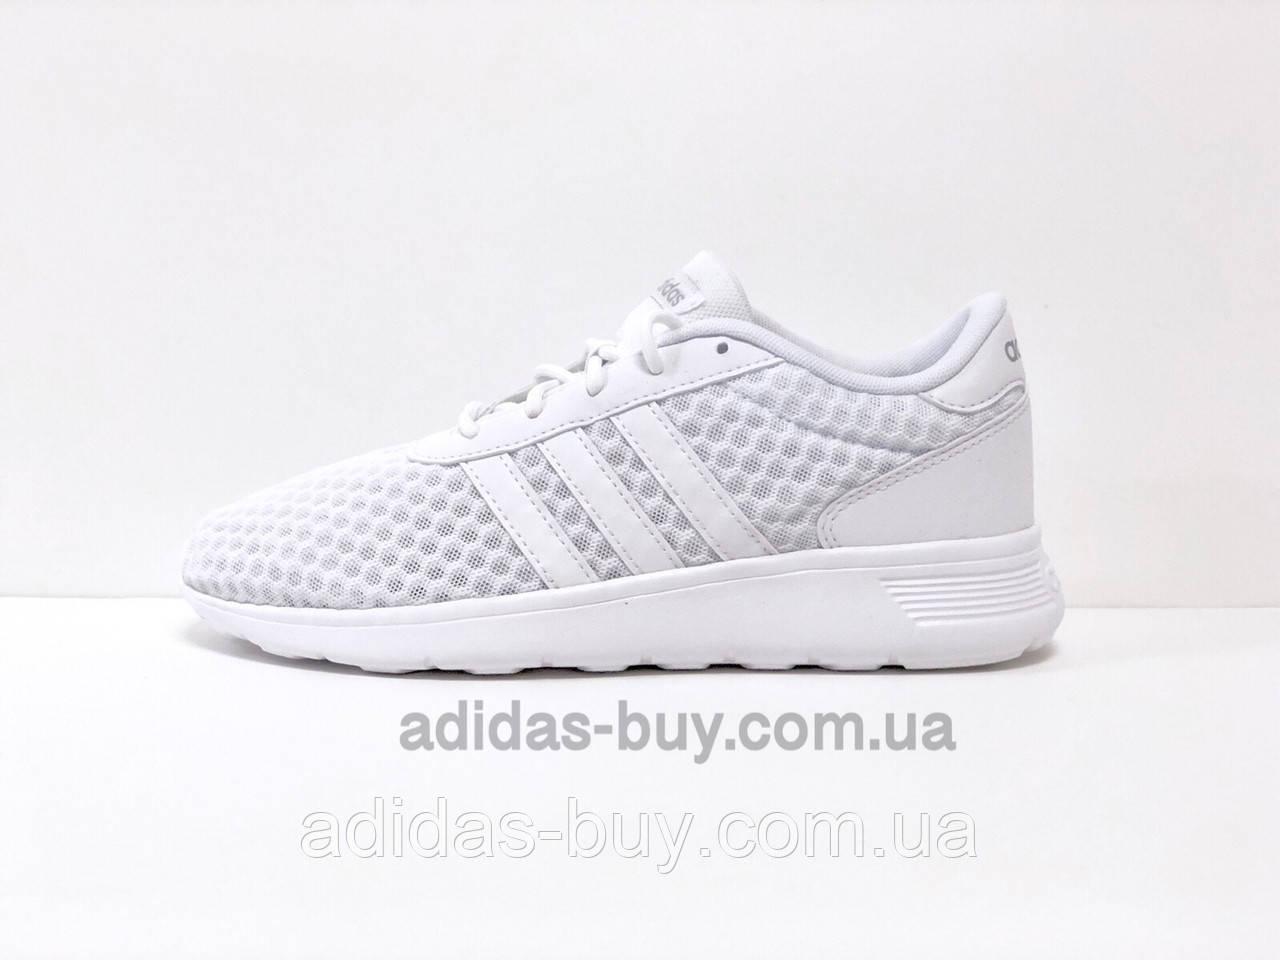 Кроссовки женские adidas LITE RACER W AW3837 оригинальные цвет:белый